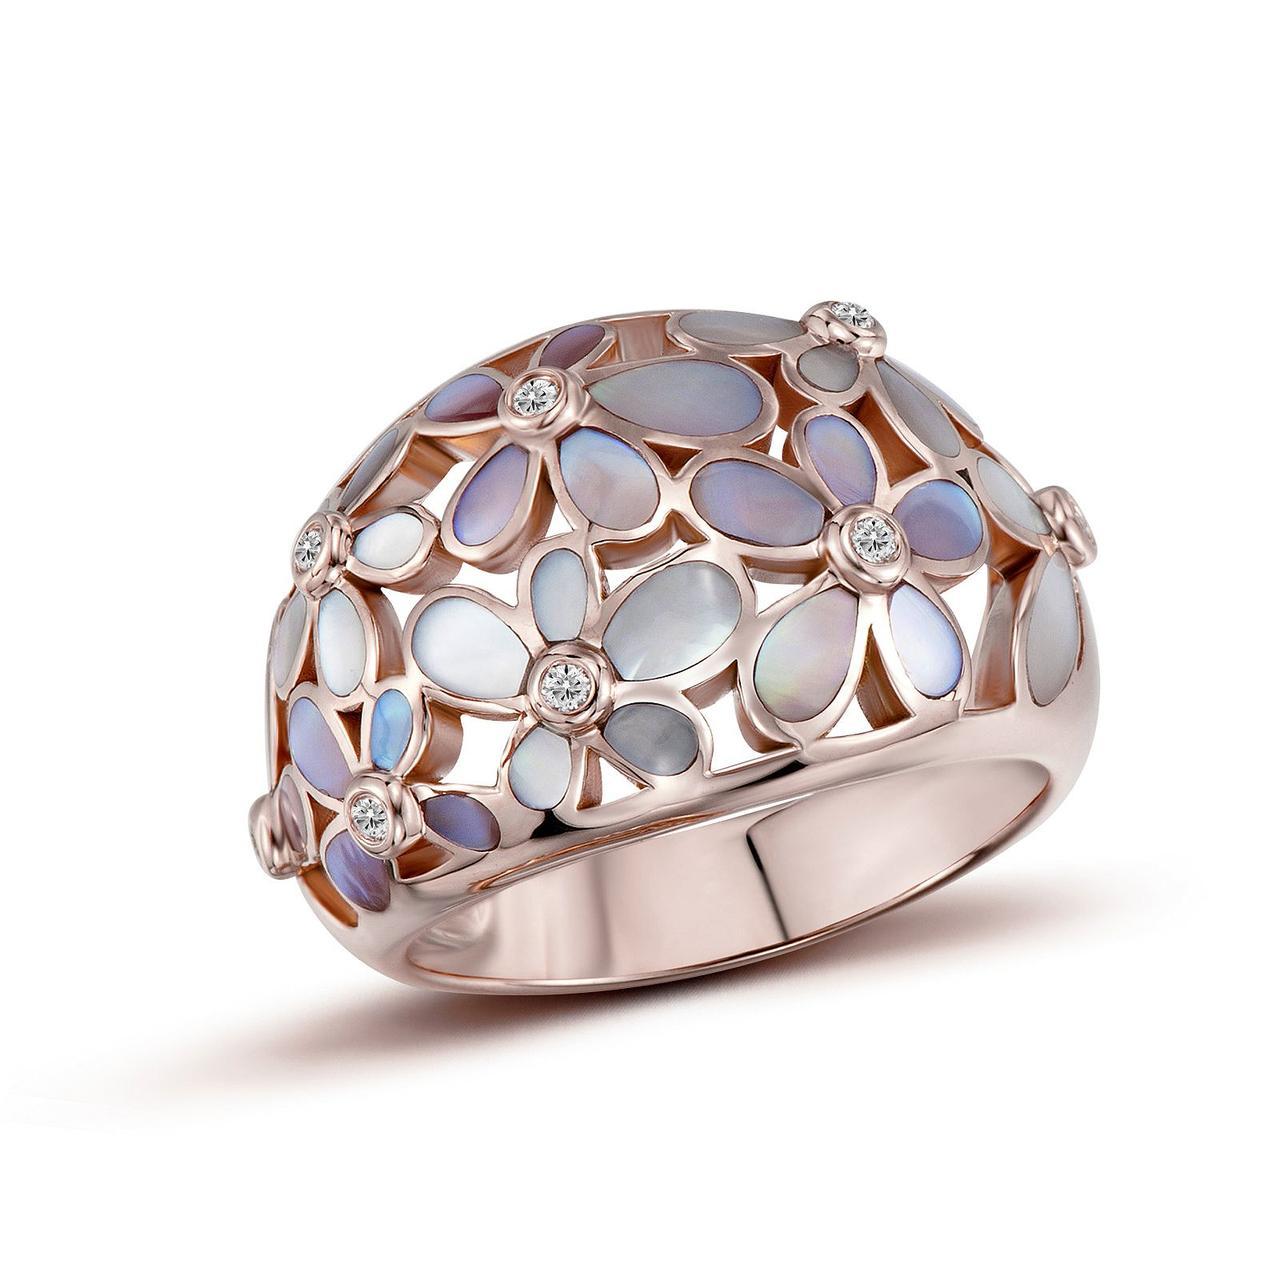 Золотое кольцо с бриллиантами и перламутром, размер 17 (1603548)